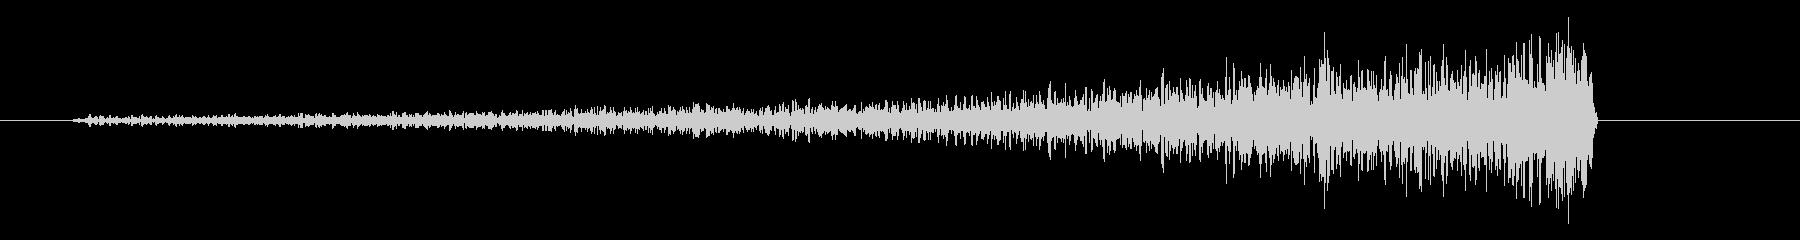 フワーッ(シリアス・緊迫状態を表す音)の未再生の波形